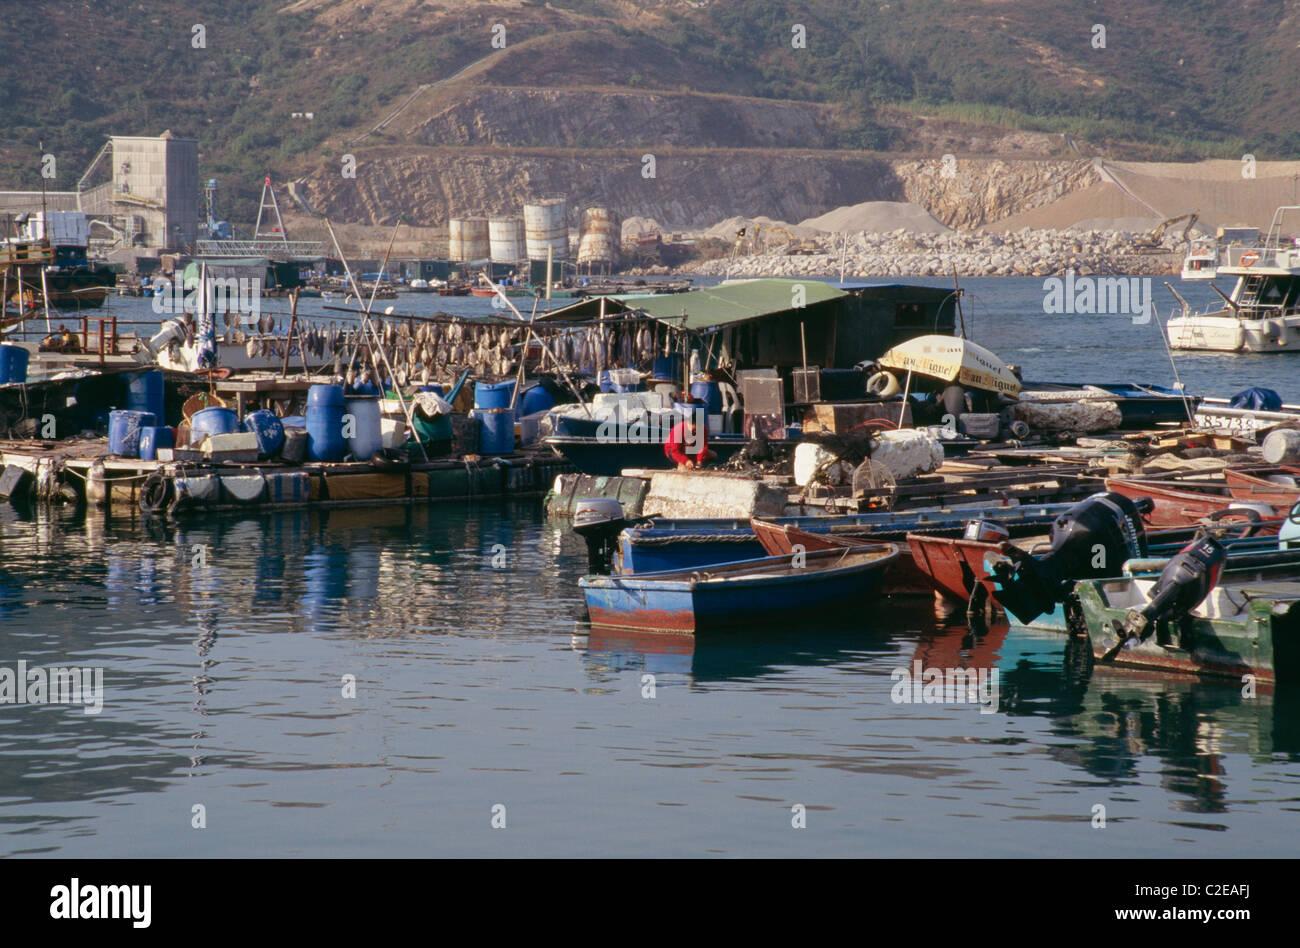 Sok Kwu Wan Lamma Island Hong Kong - Stock Image